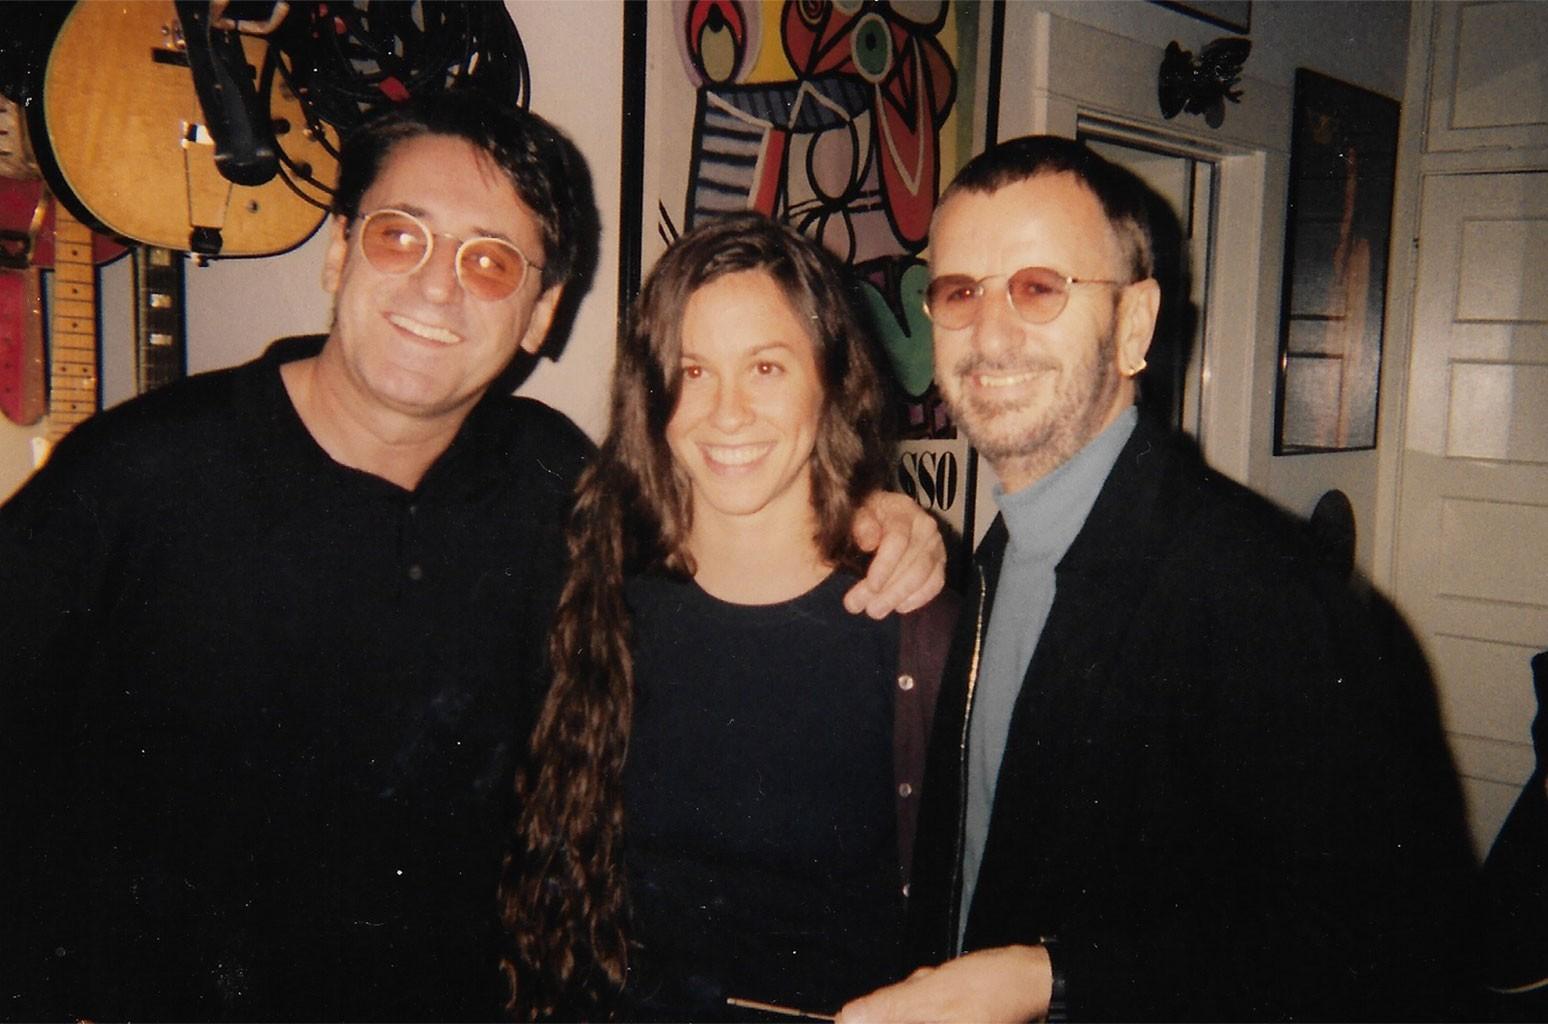 John Alexander with Alanis Morissette and Ringo Starr.